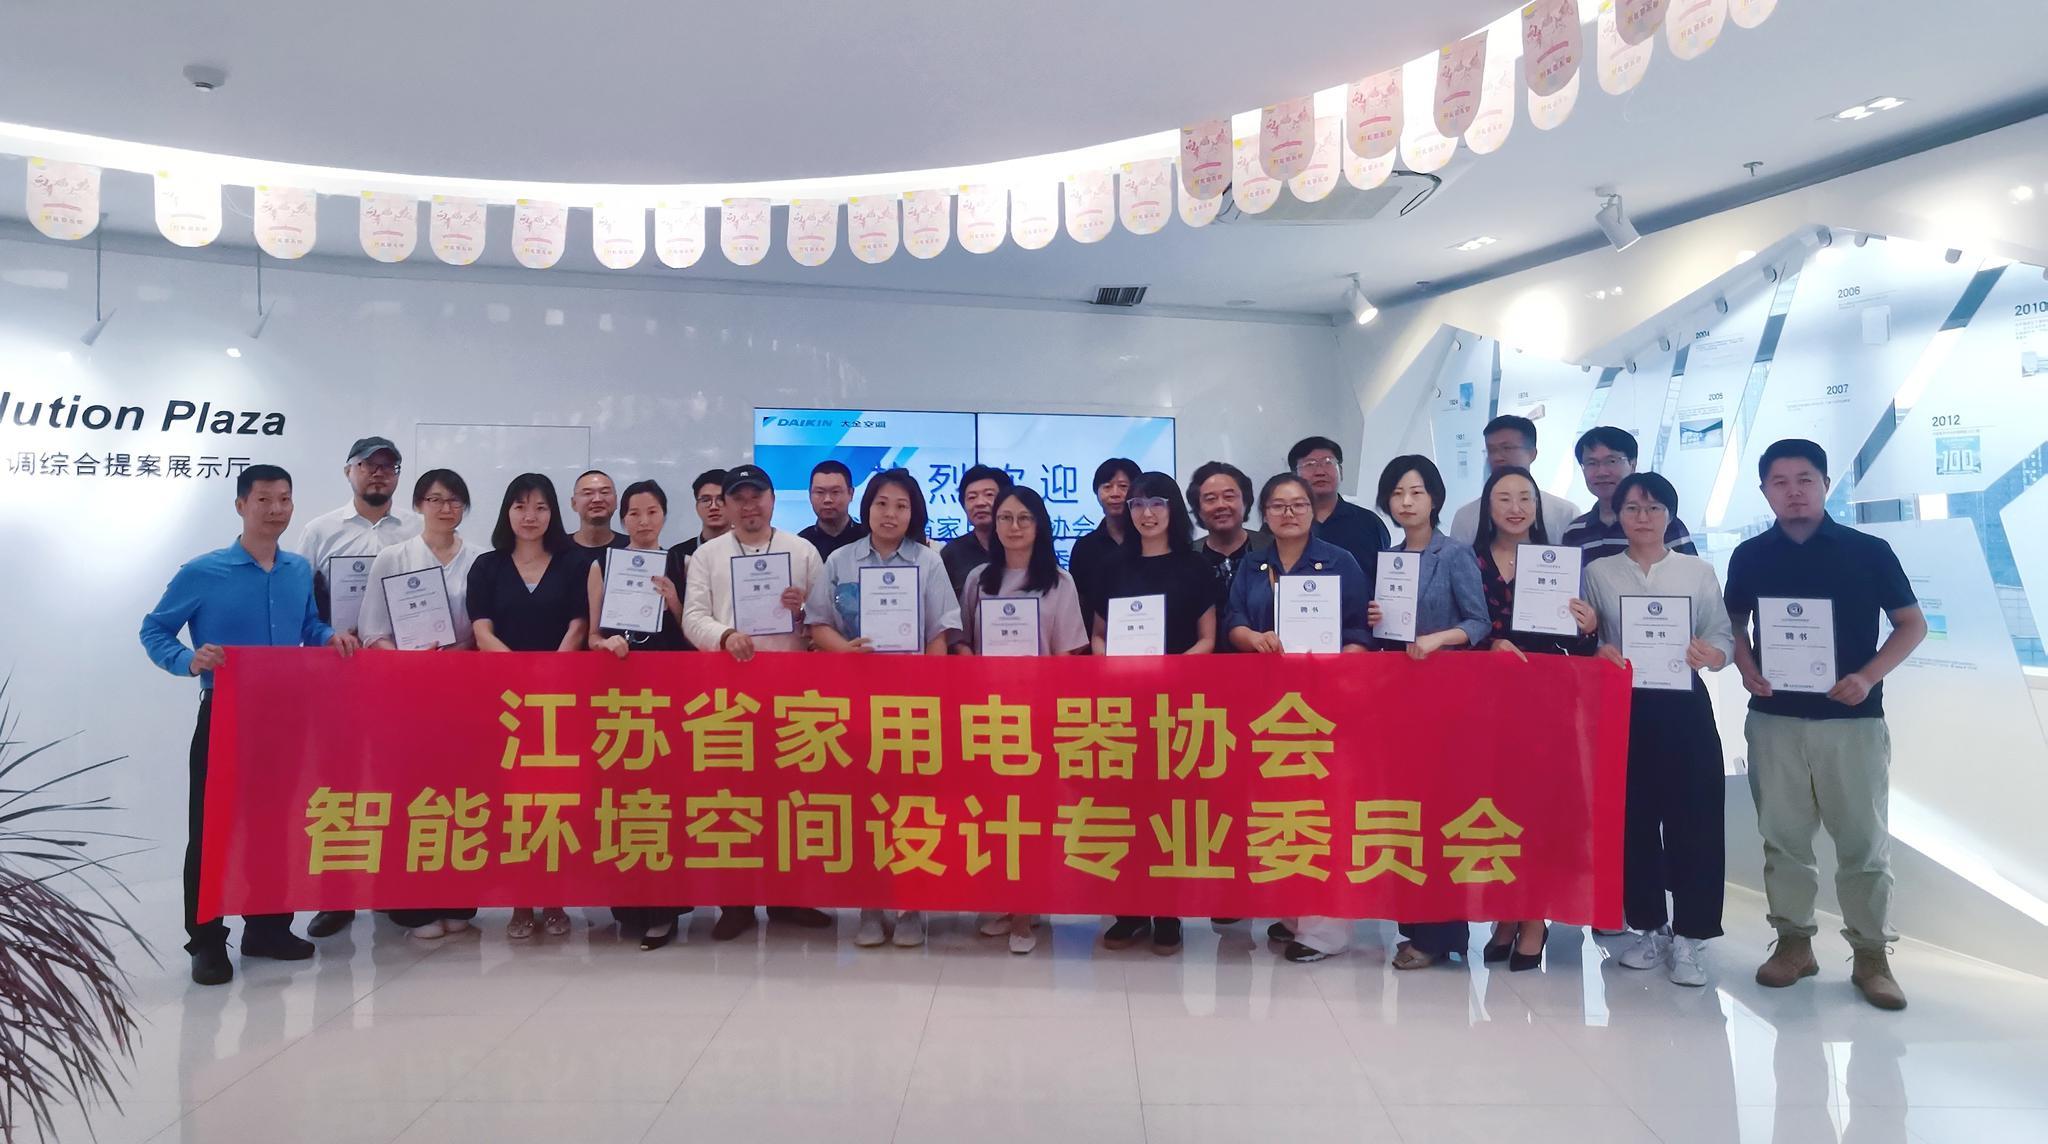 第七届江苏省家电家装职业技能大赛即将启动